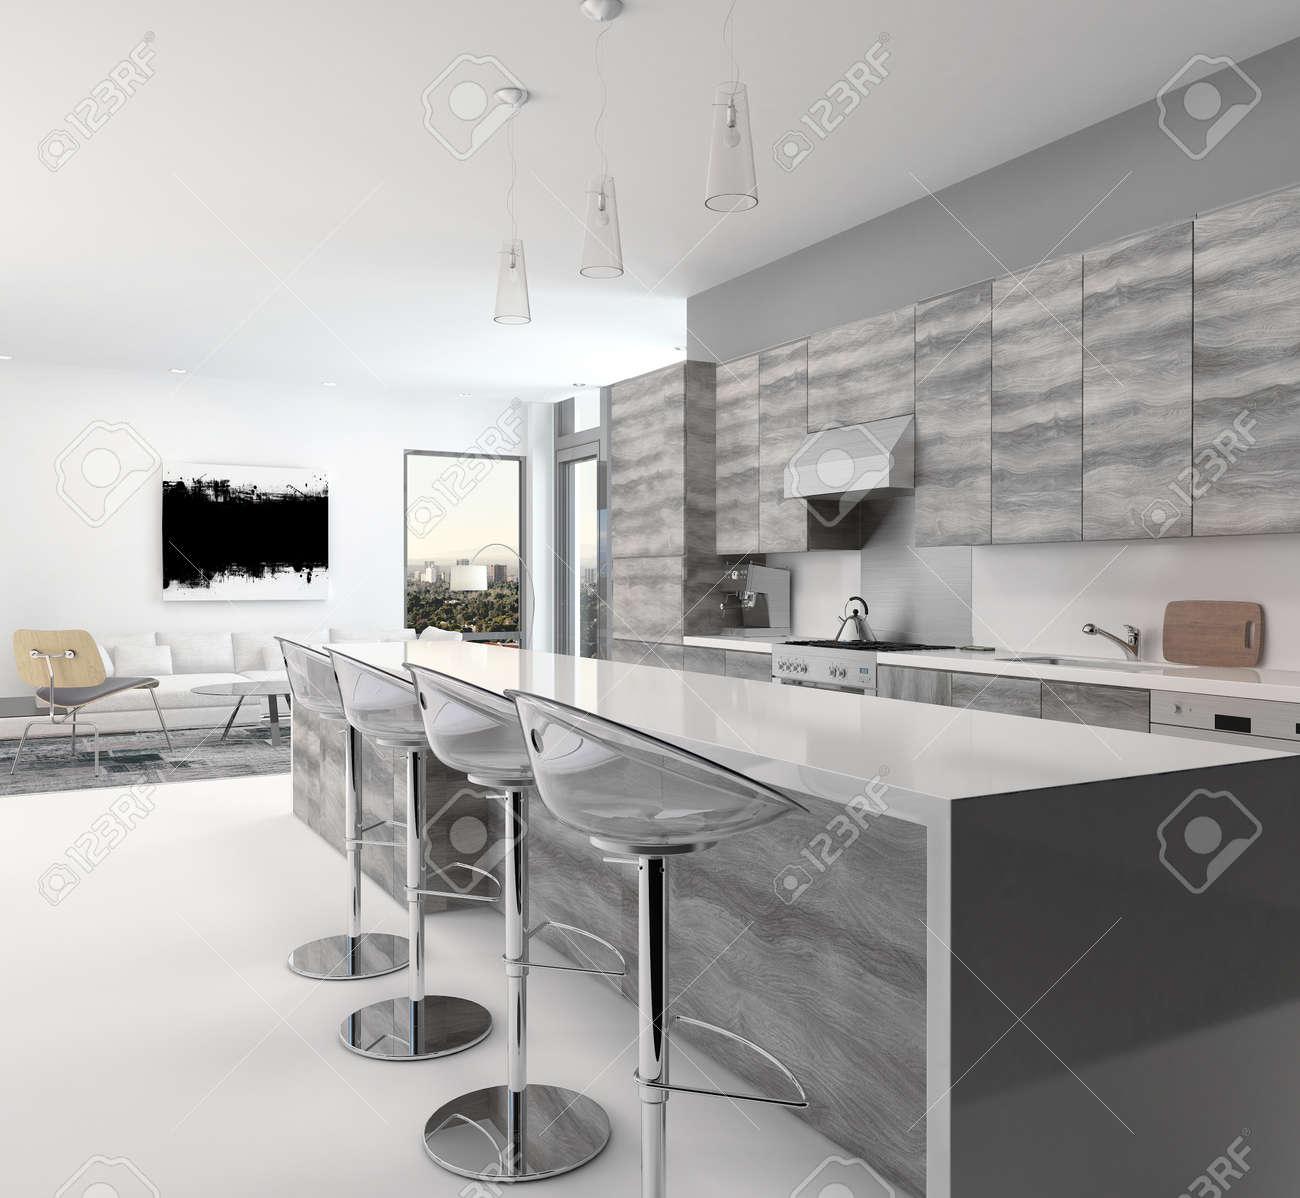 Rustikal-Stil Aus Holz Grau Offene Küche Interieur Mit Einer Langen ...